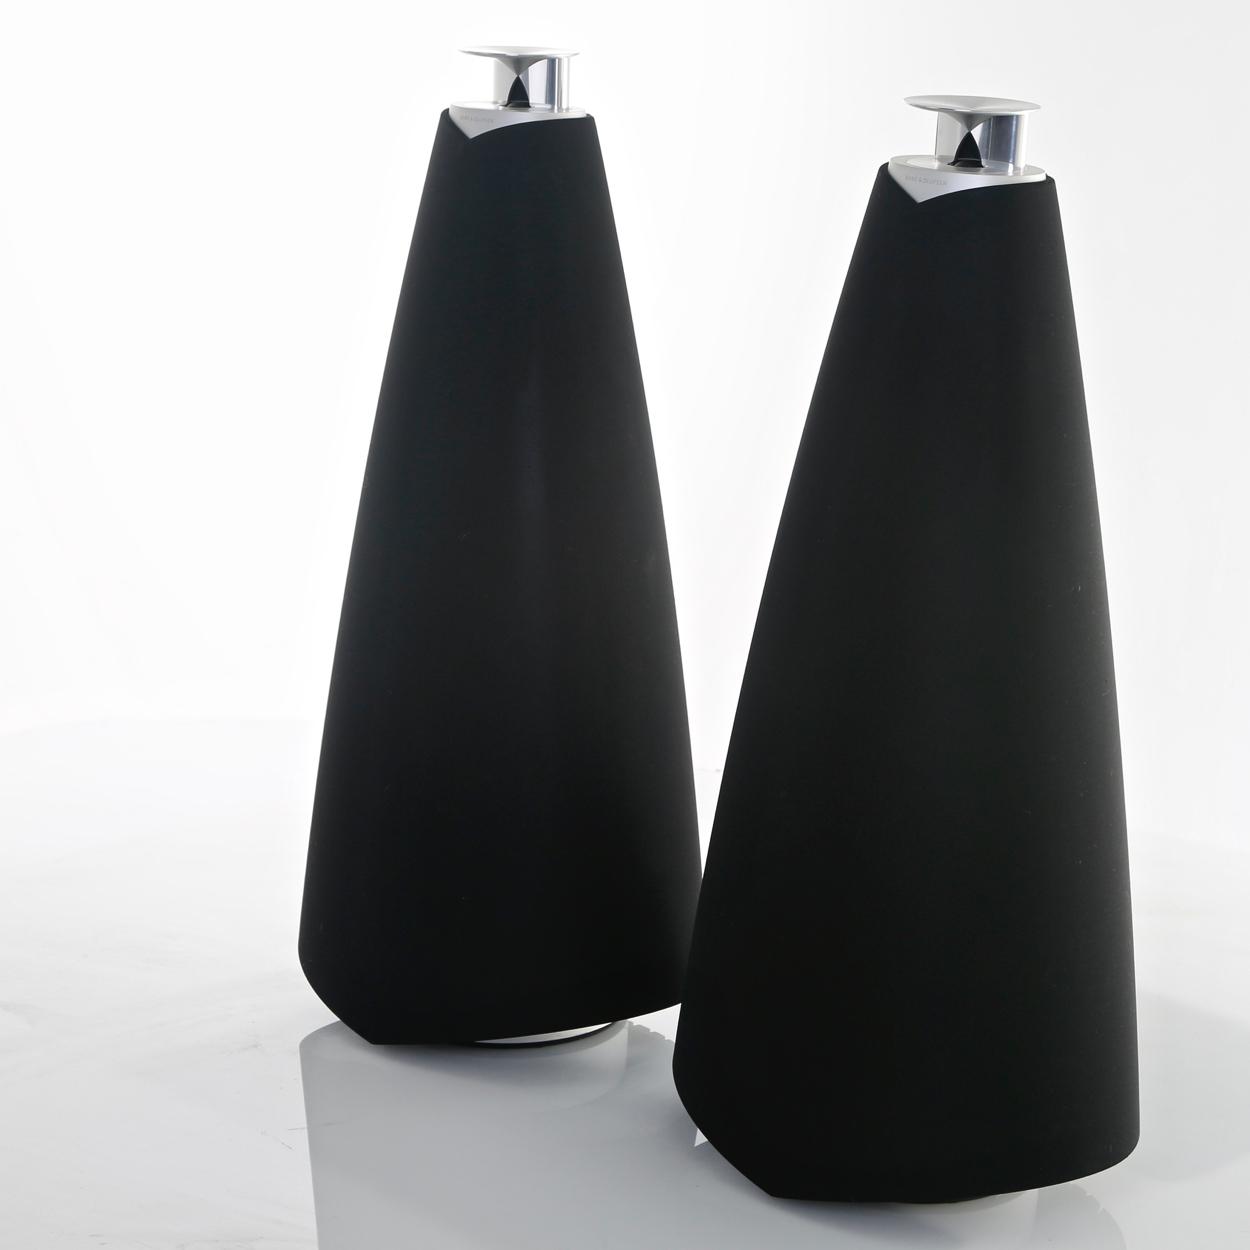 used BeoLab 20 speakers